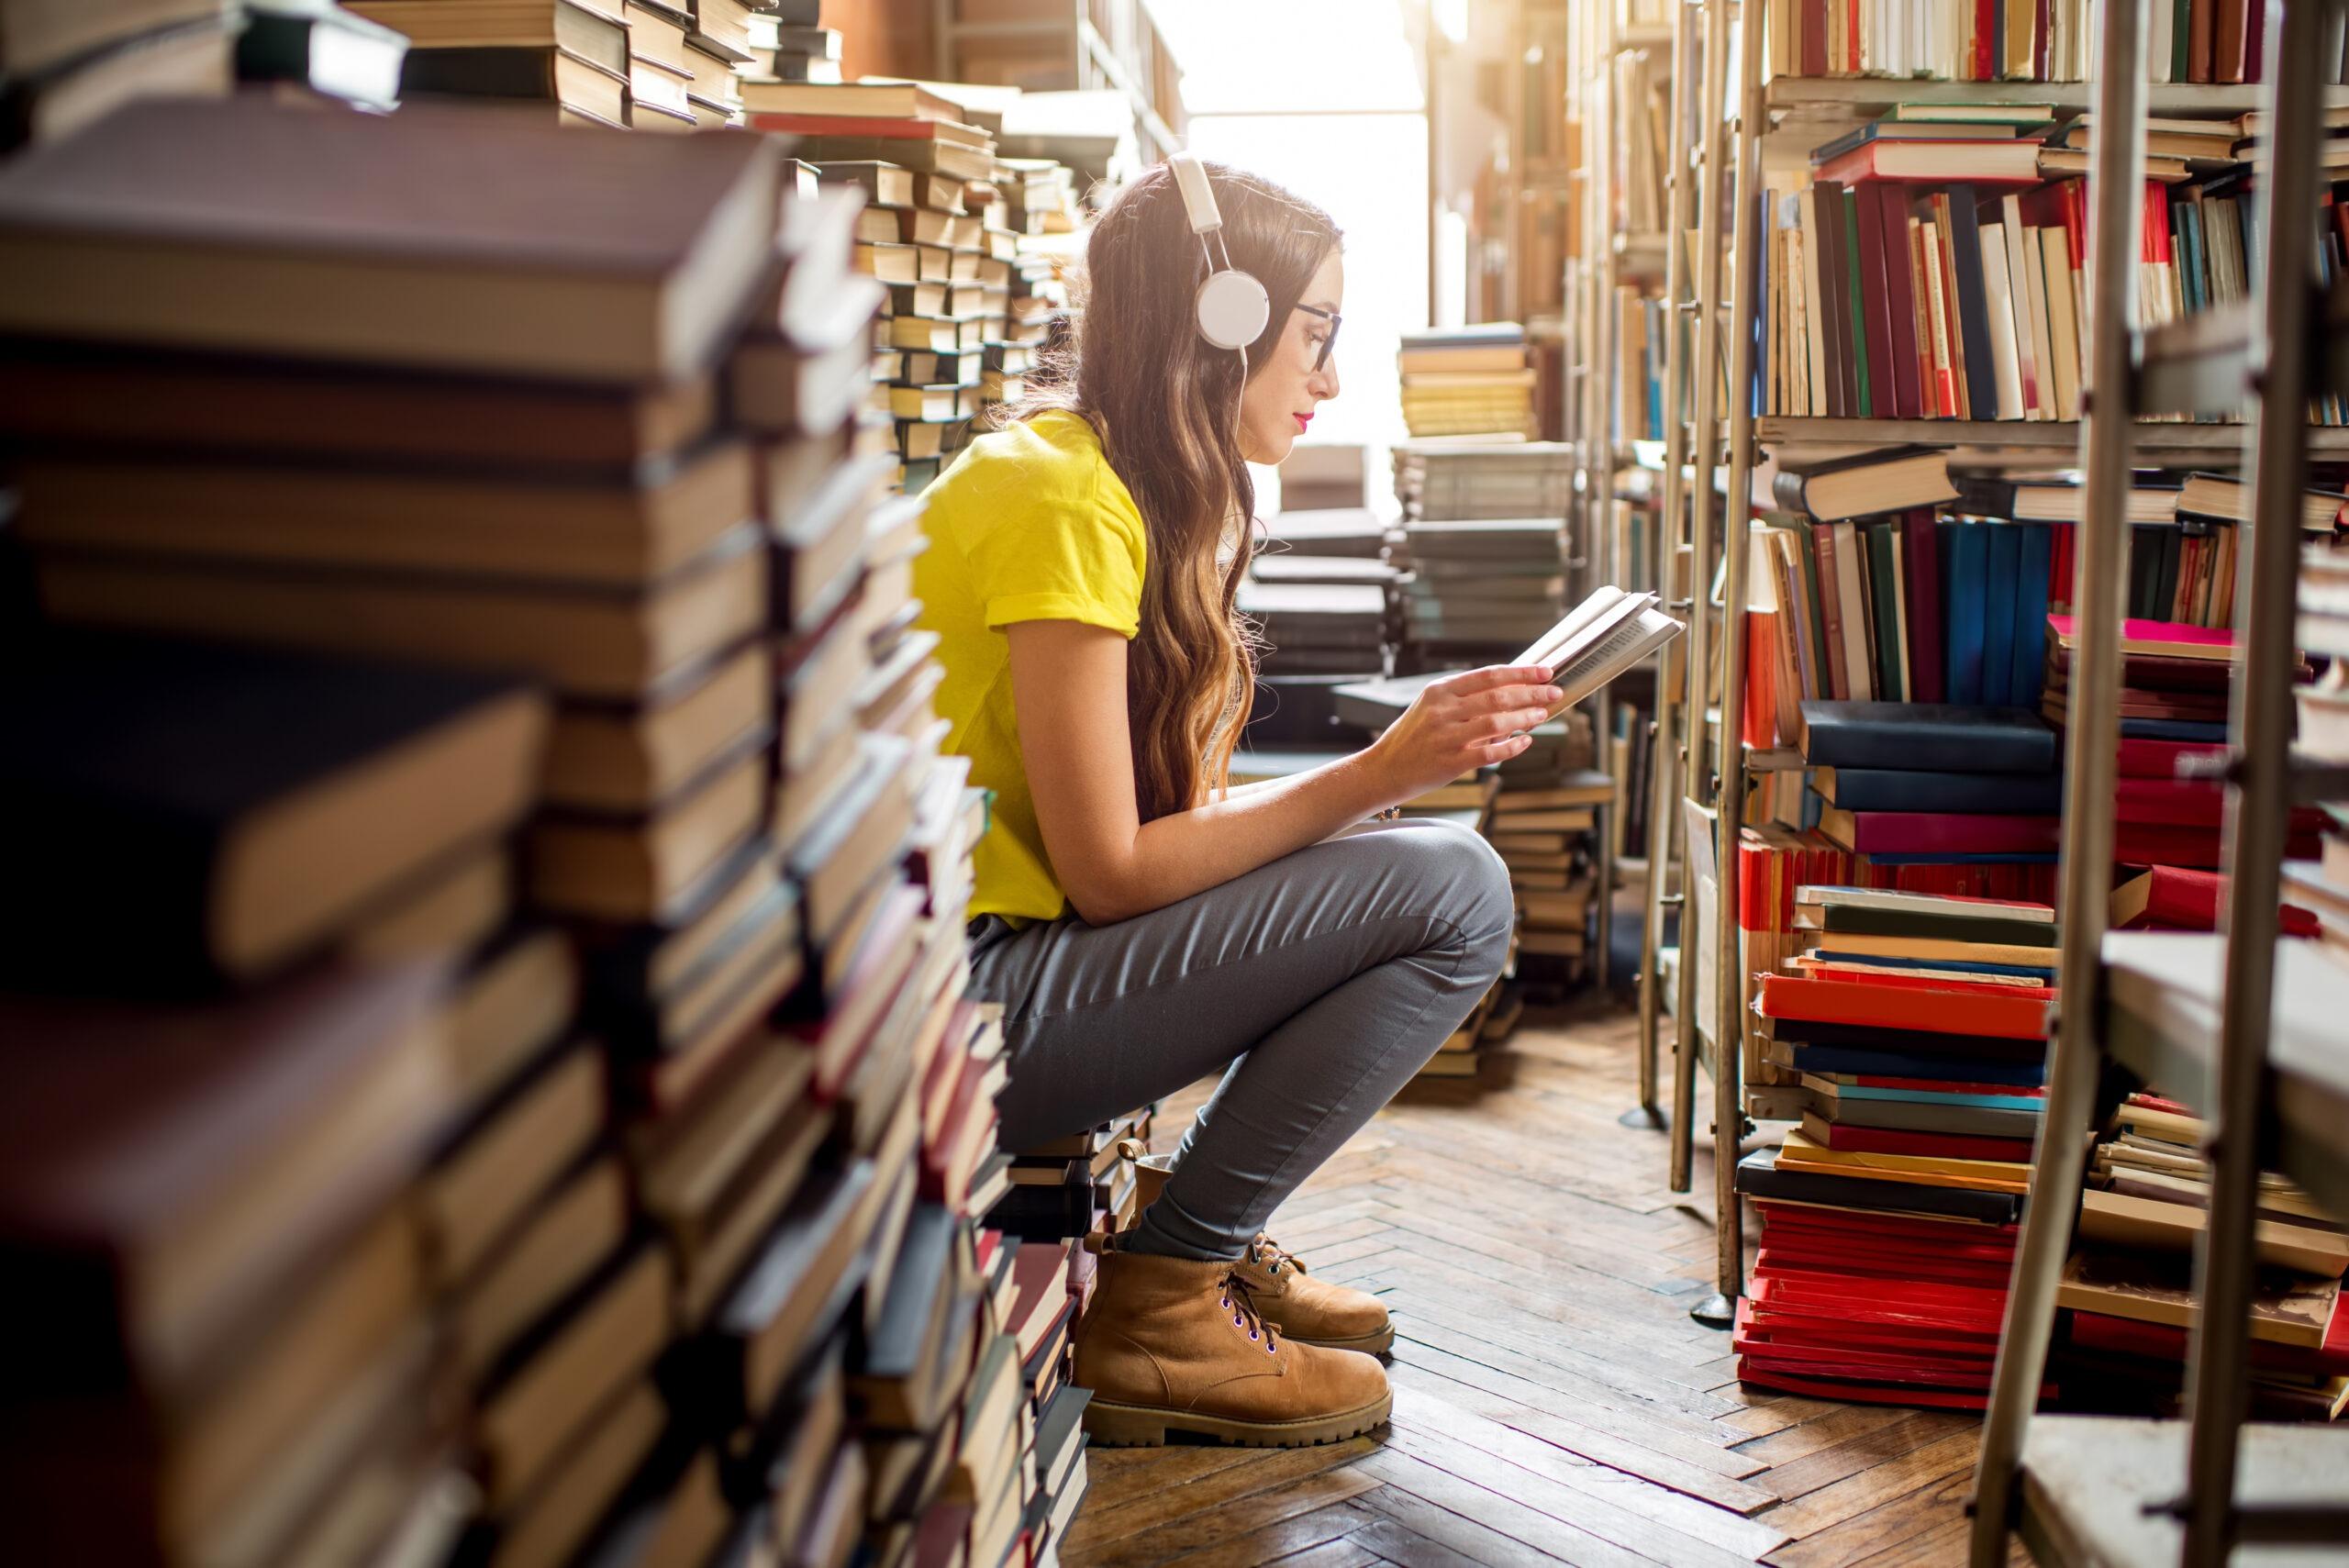 Kobieta czytająca książkę w bibliotece